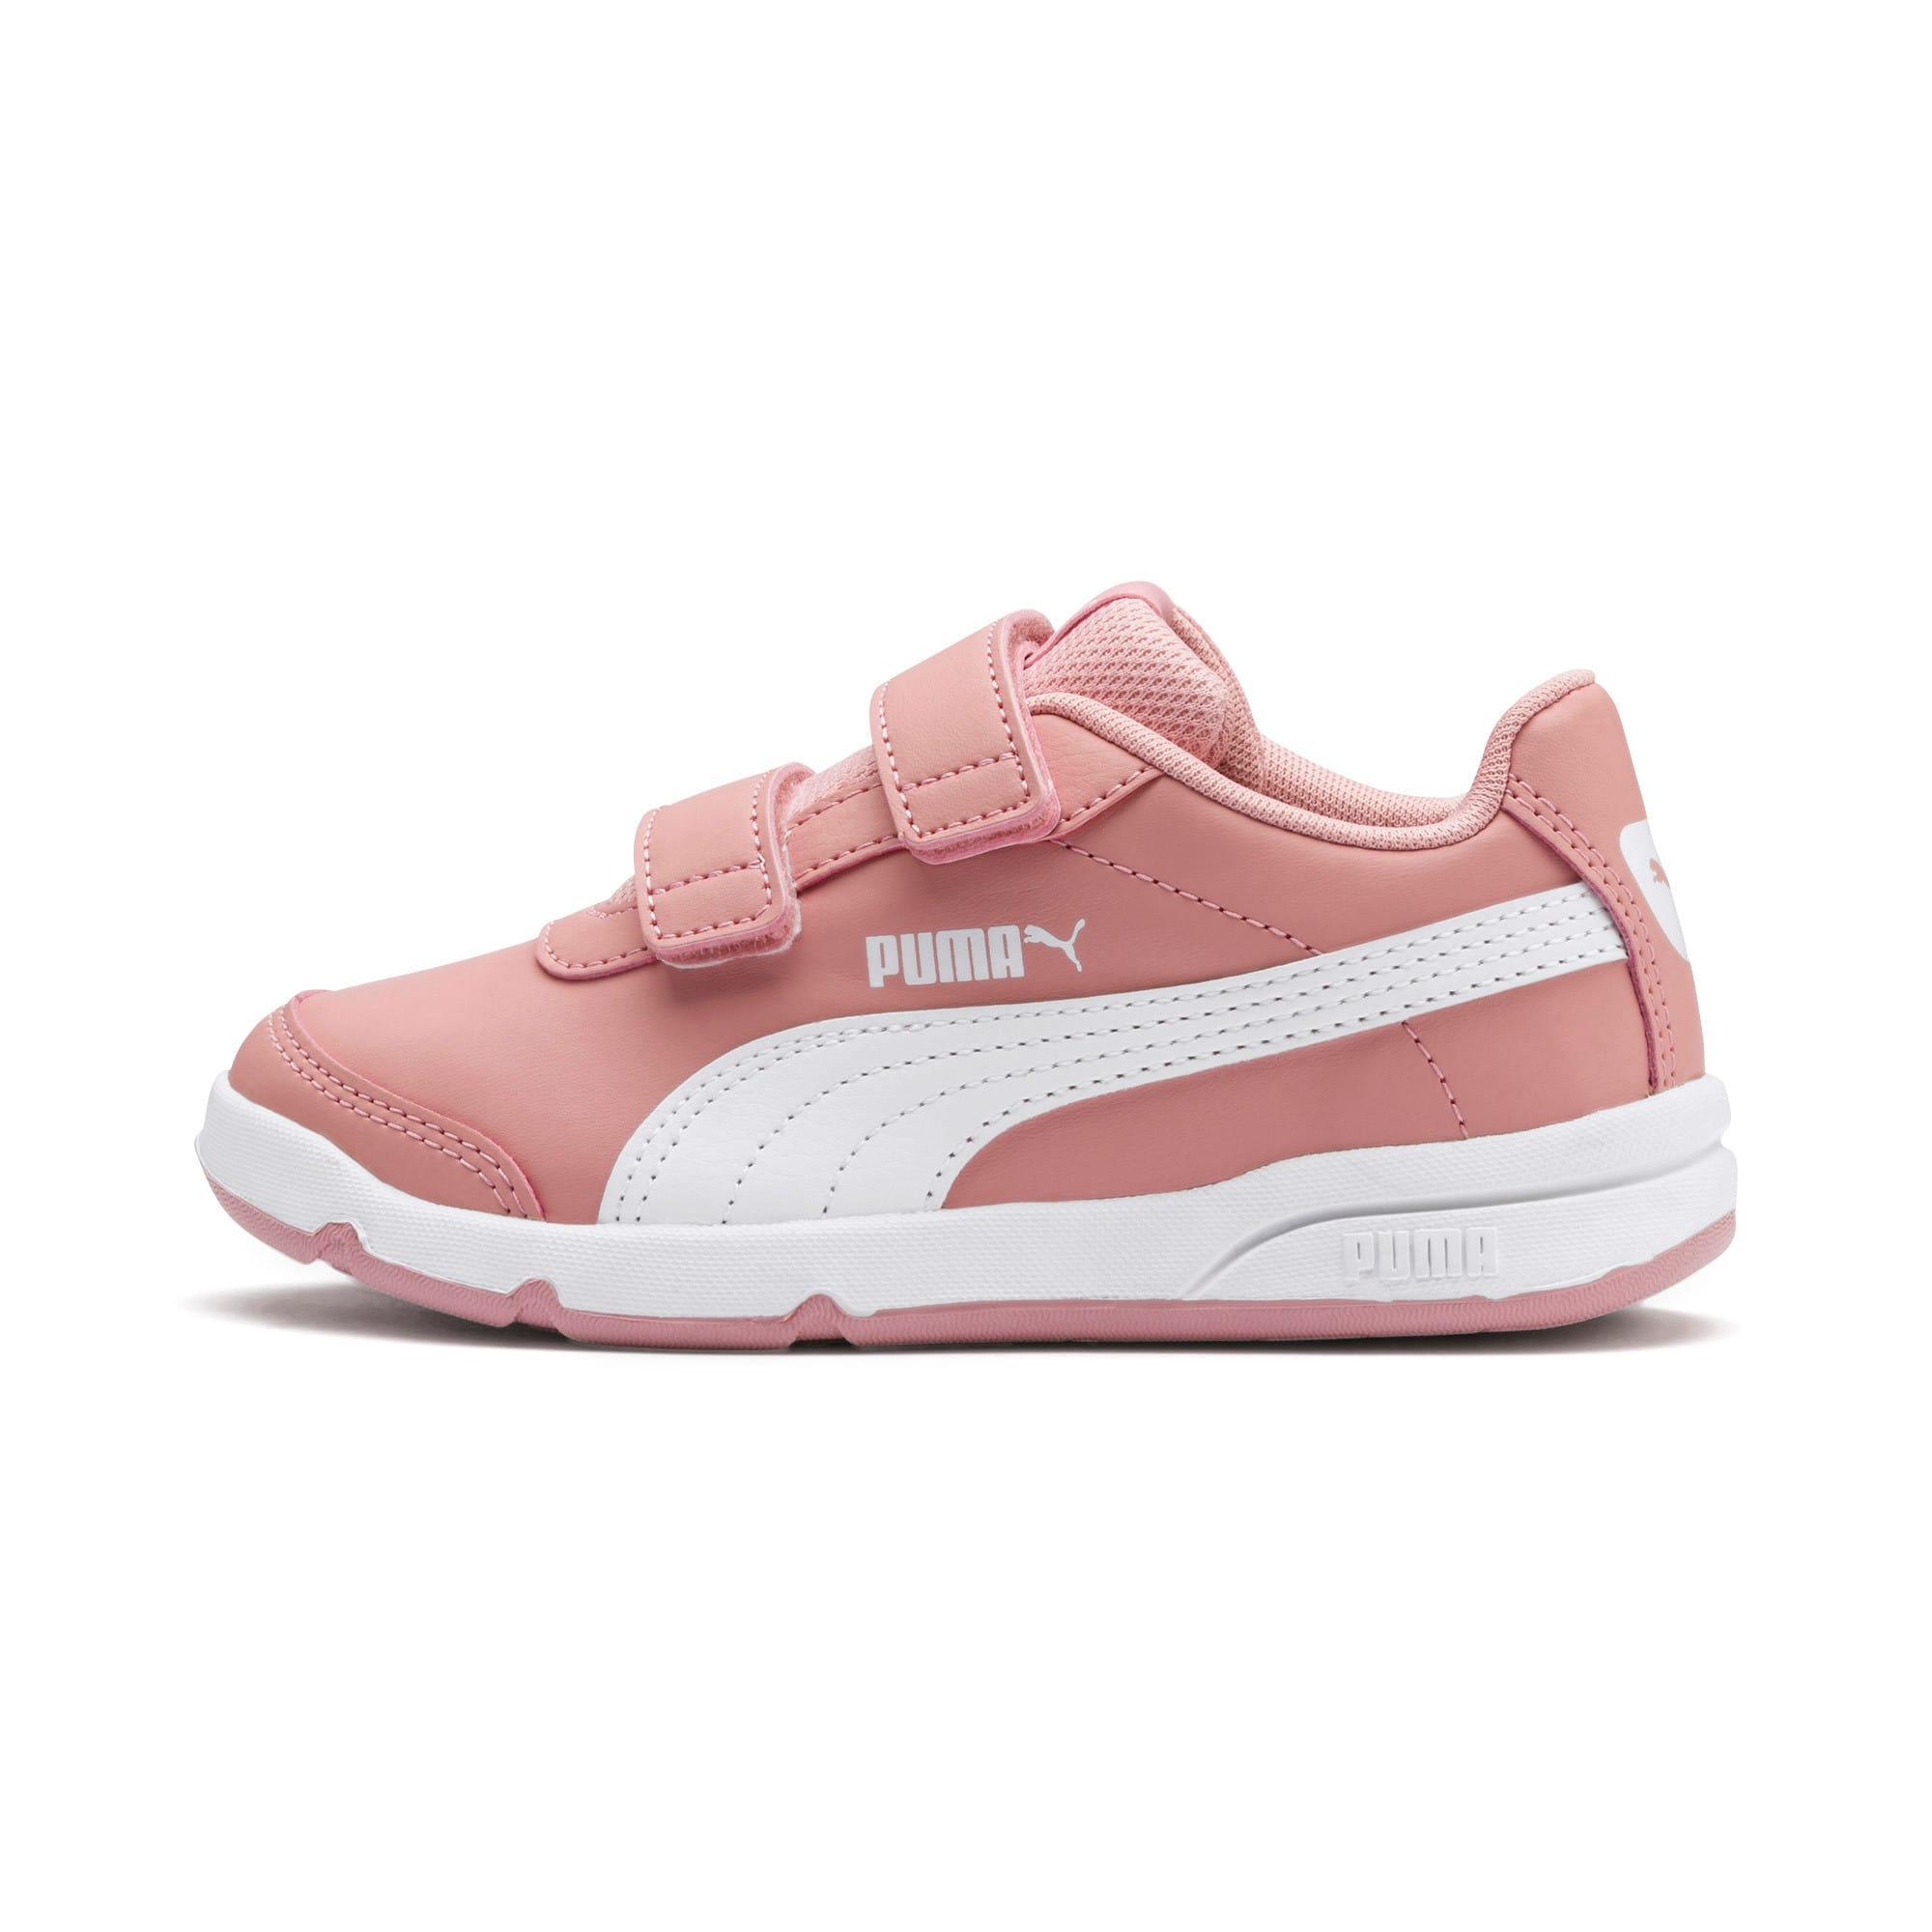 Thumbnail 1 of Stepfleex 2 SL VE V Kids Sneaker, Bridal Rose-Puma White, medium